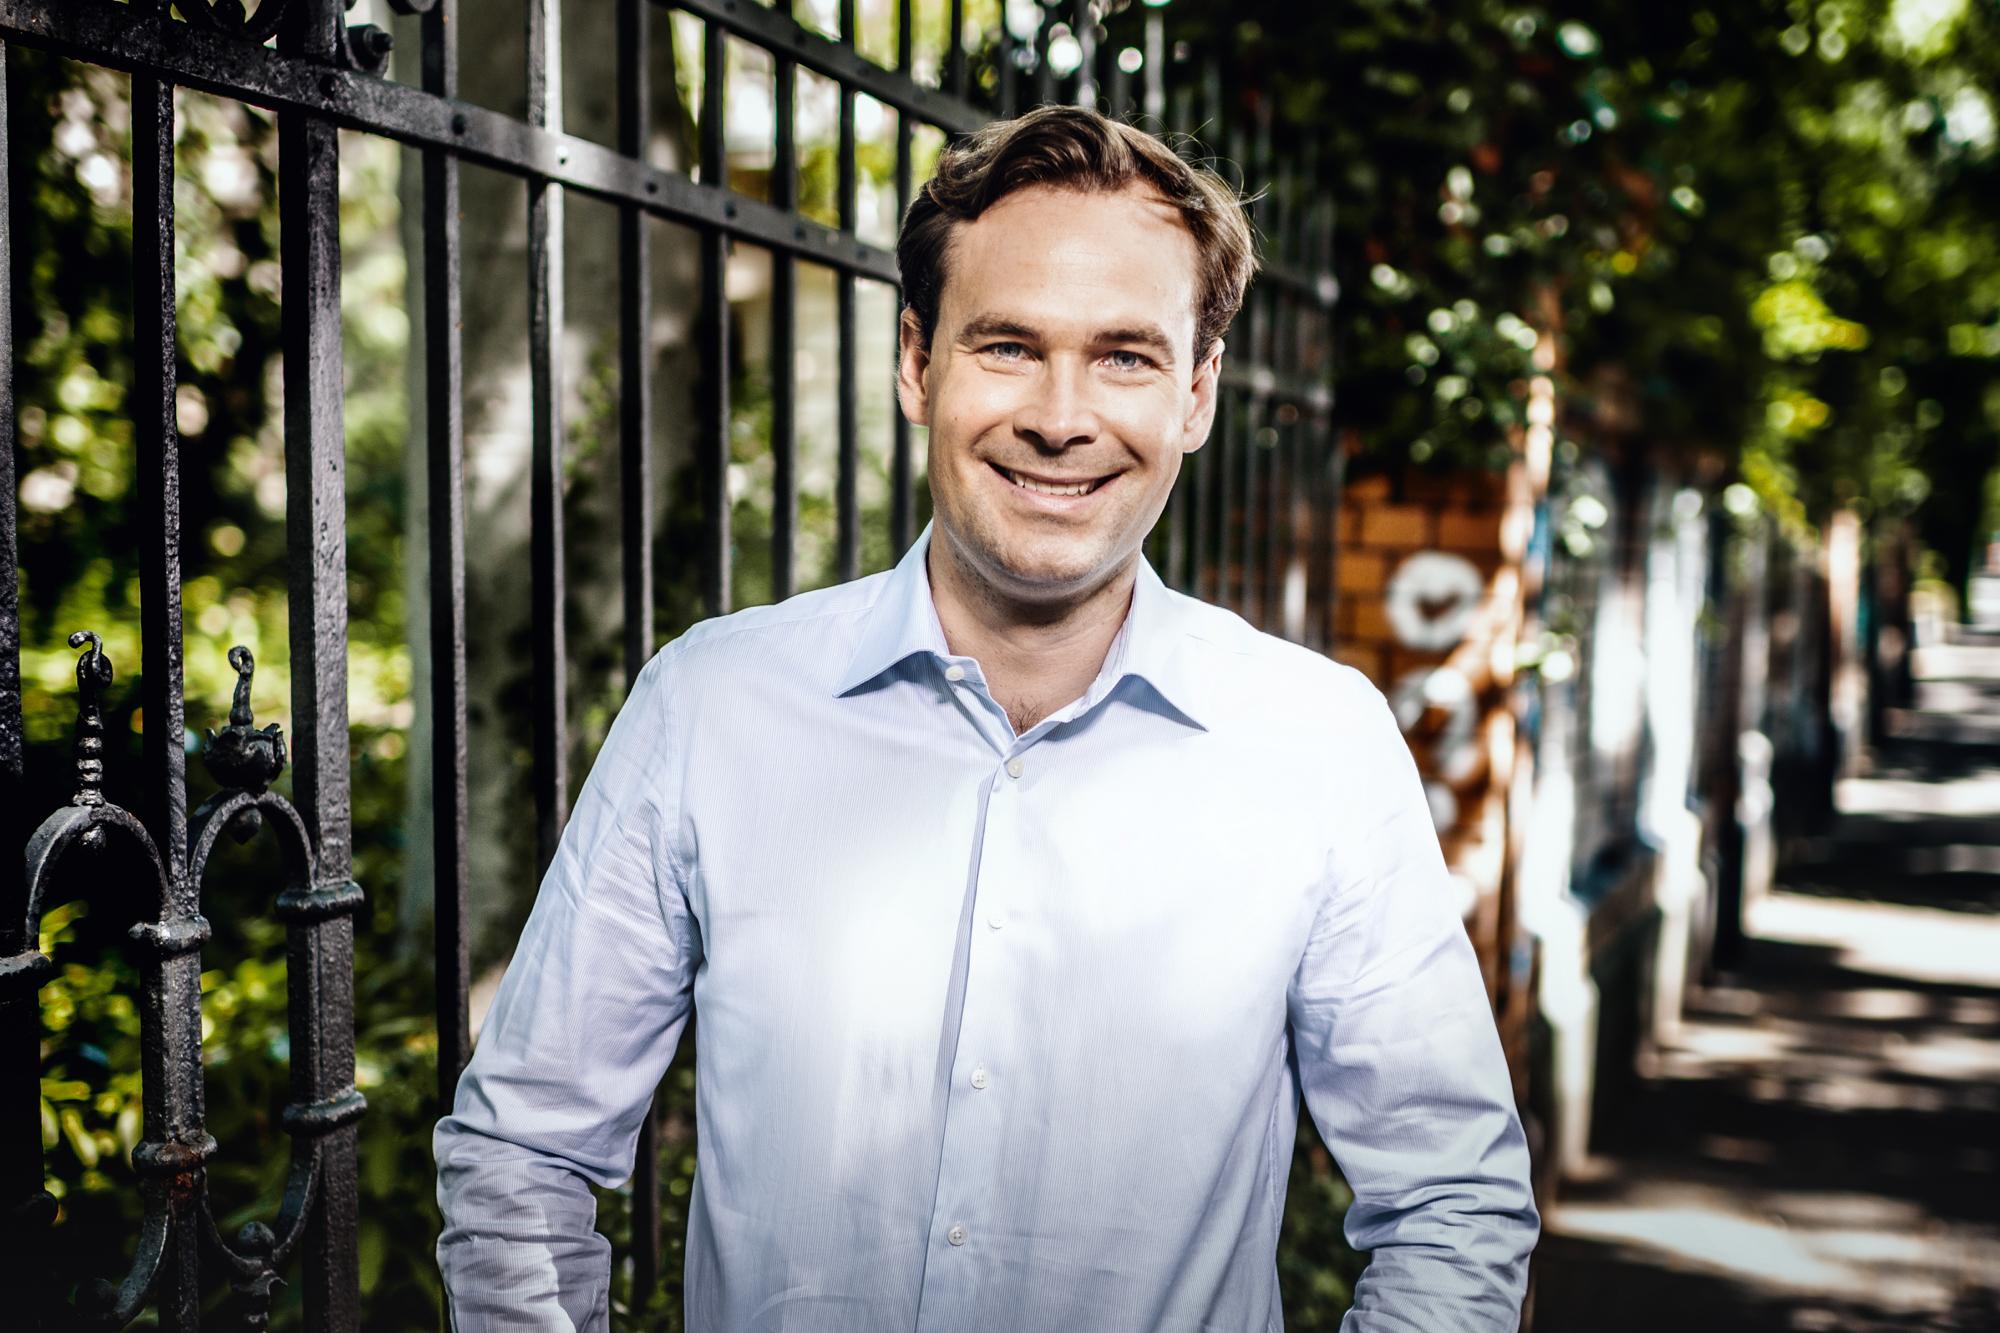 Dr. Florian Bader